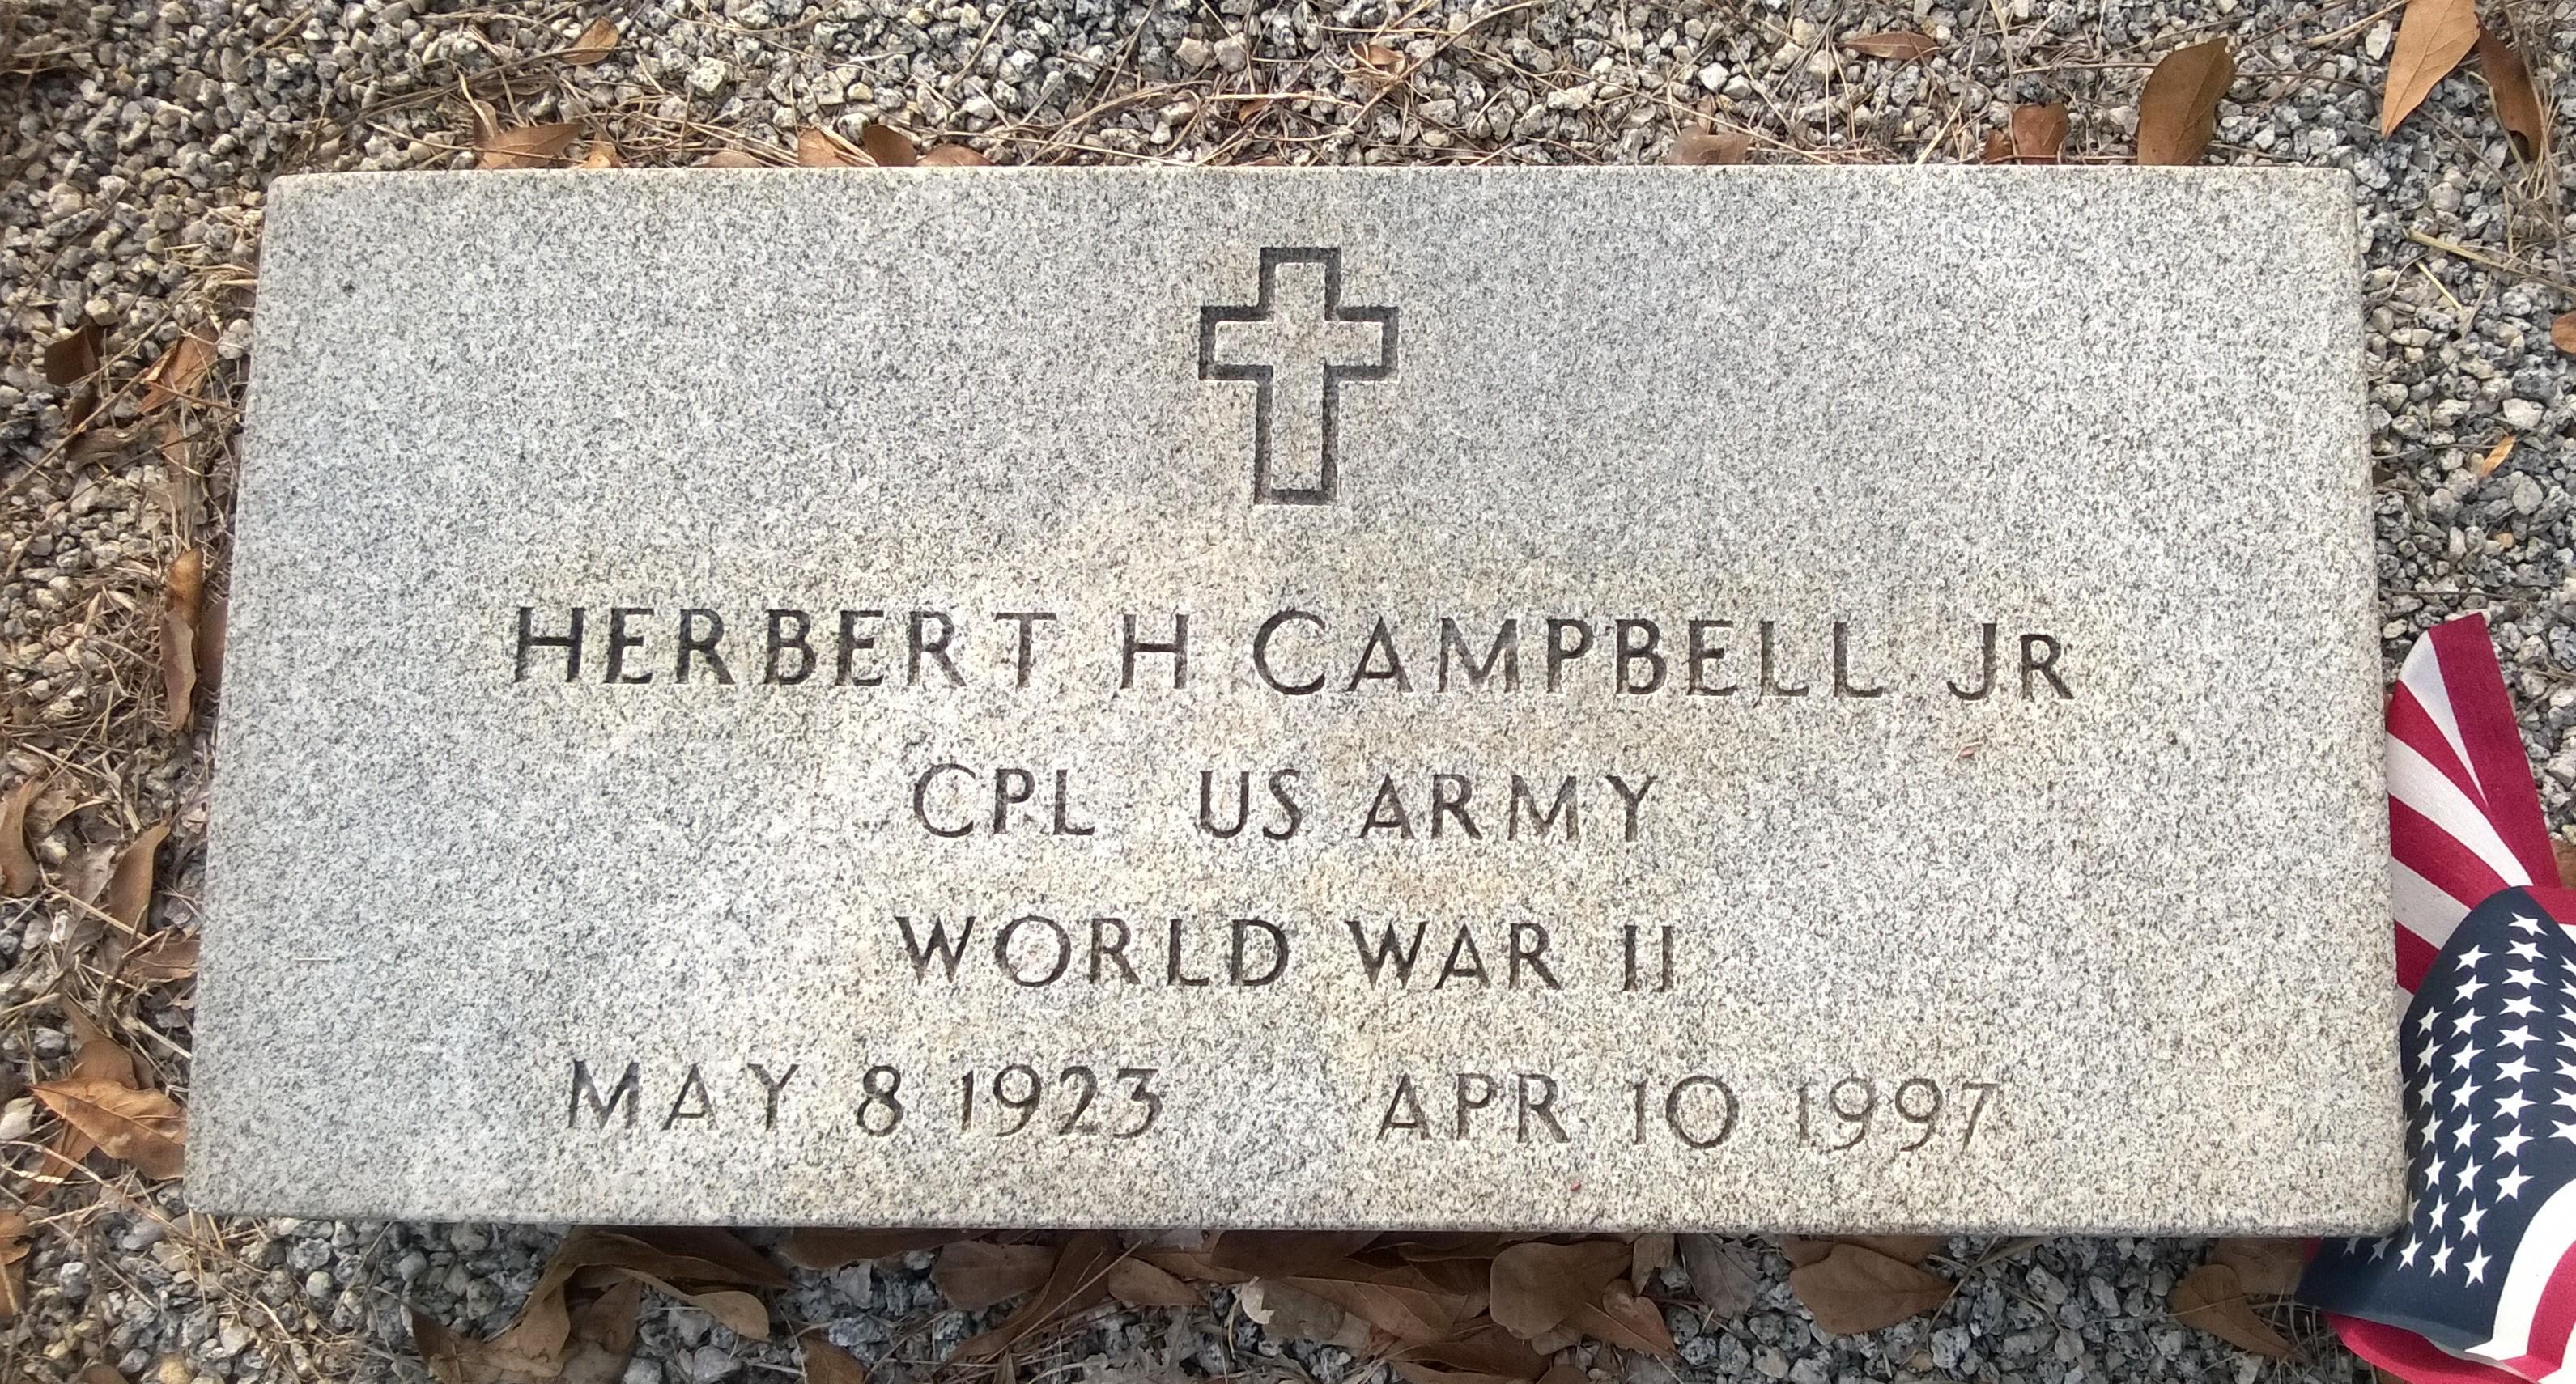 Herbert H. Campbell, Jr